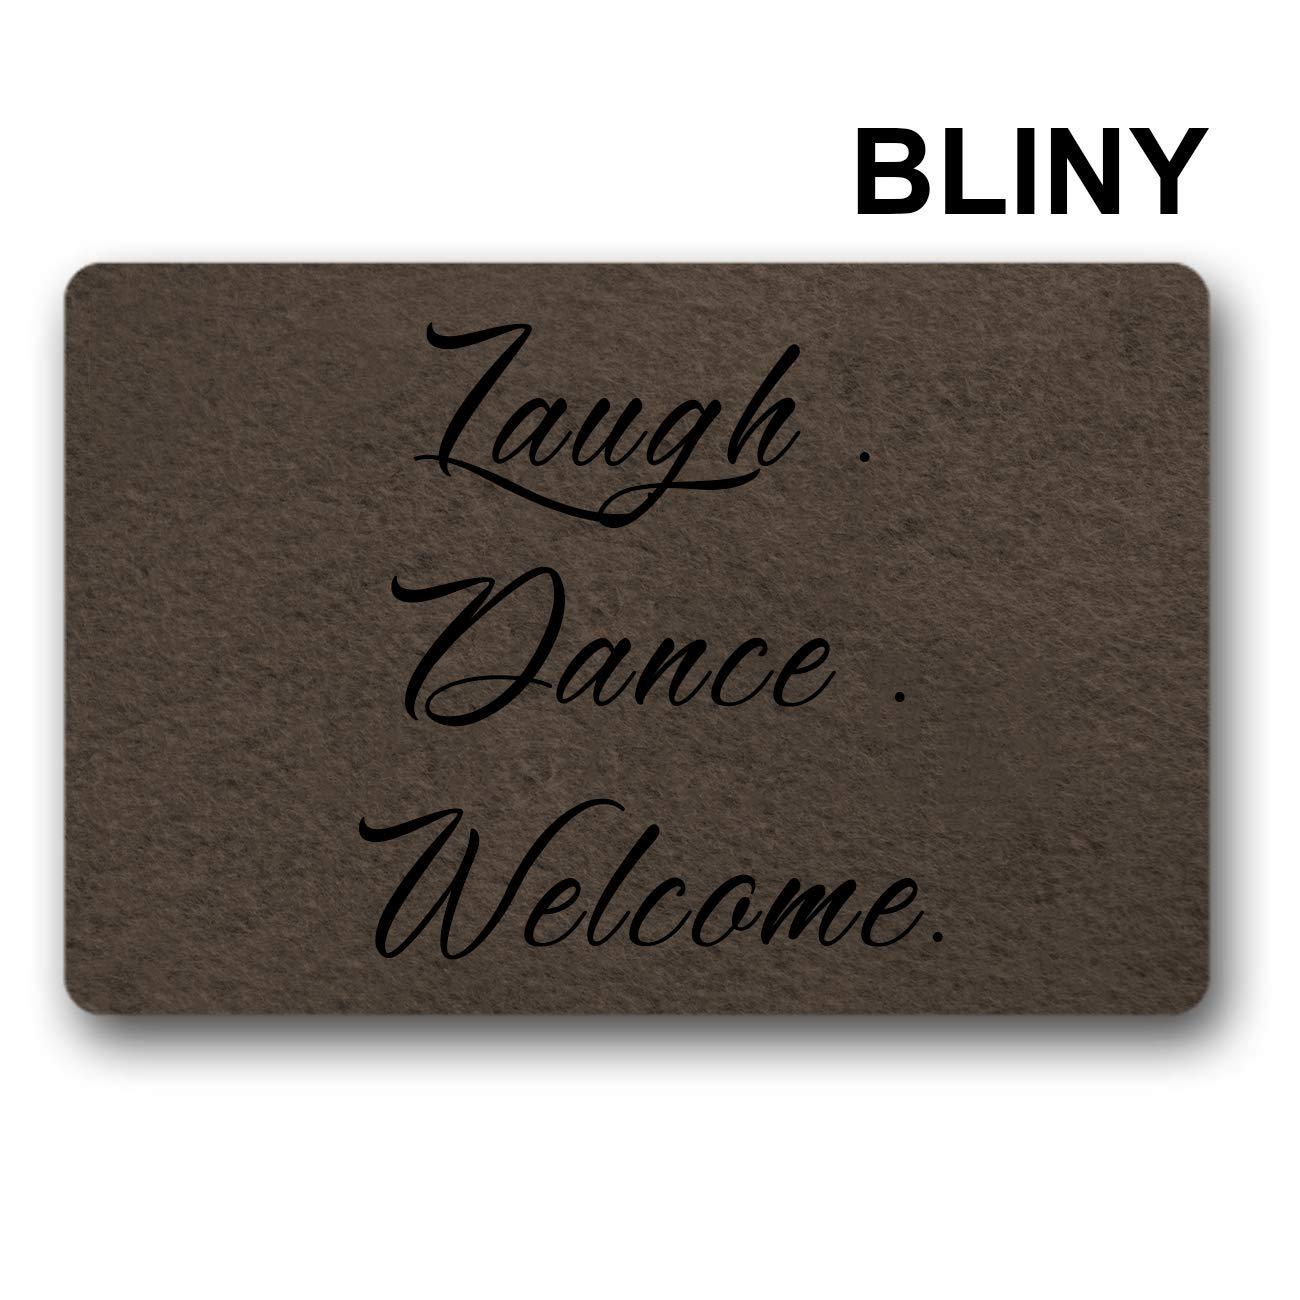 BLINY Funny Doormat Entrance Mat - Laugh Dance Welcome - Indoor Outdoor Decoration Door Mat 23.6 x15.7 inch